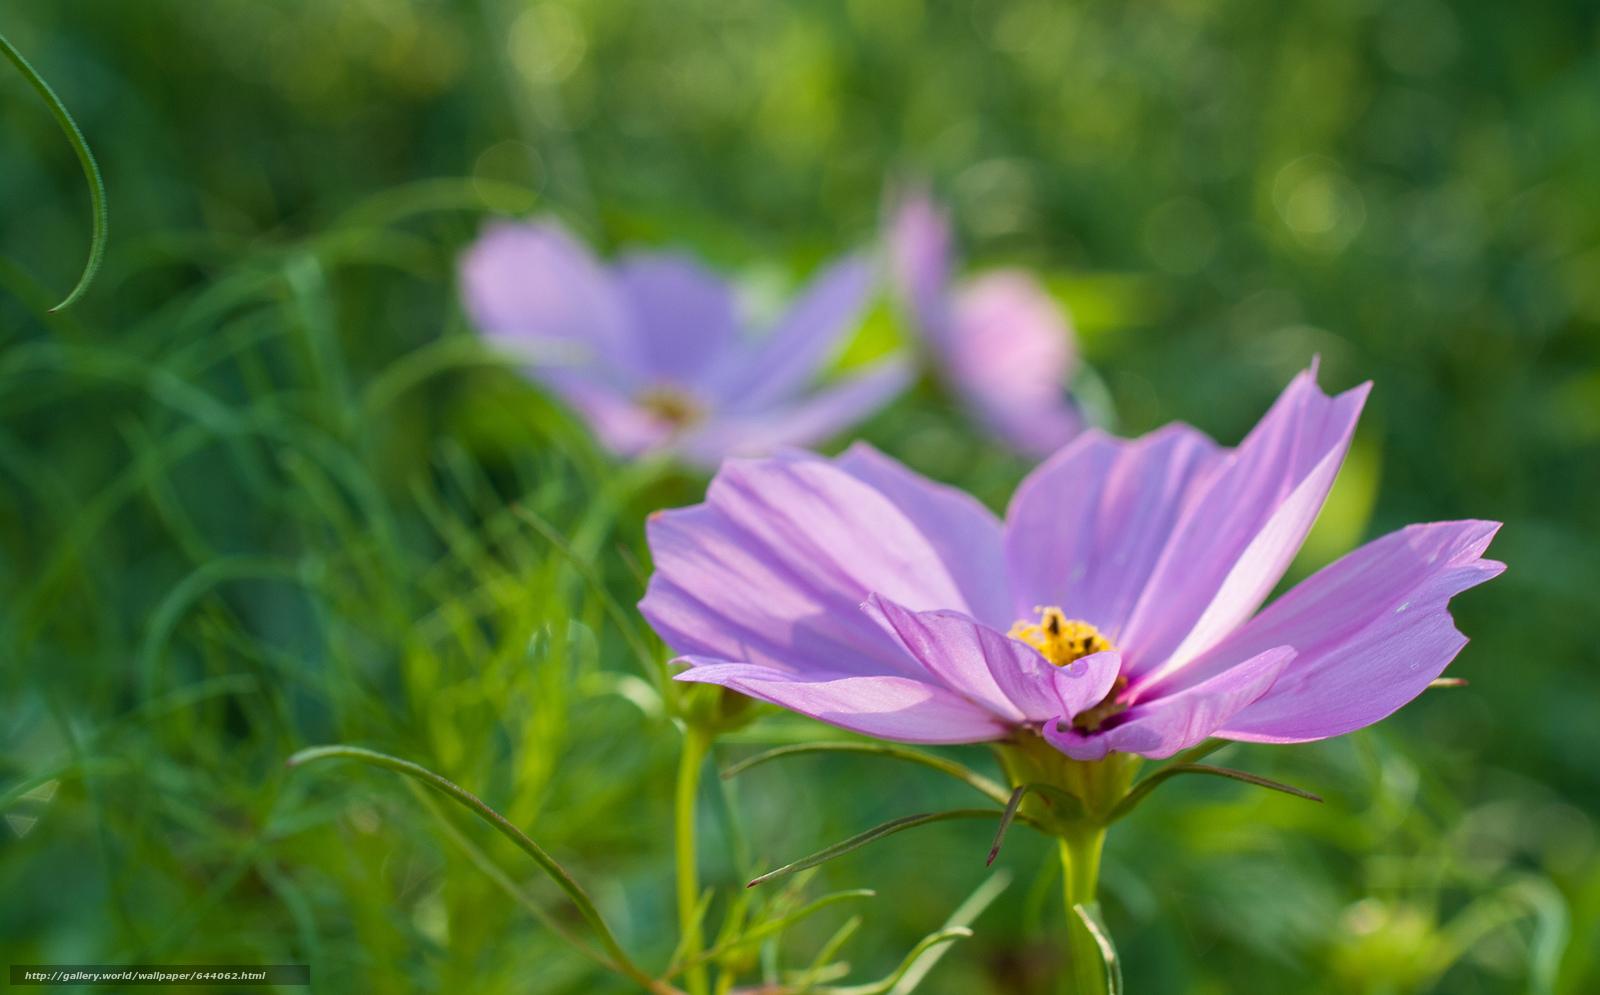 Скачать обои цветы,  цветок,  космея,  космеи бесплатно для рабочего стола в разрешении 2048x1273 — картинка №644062